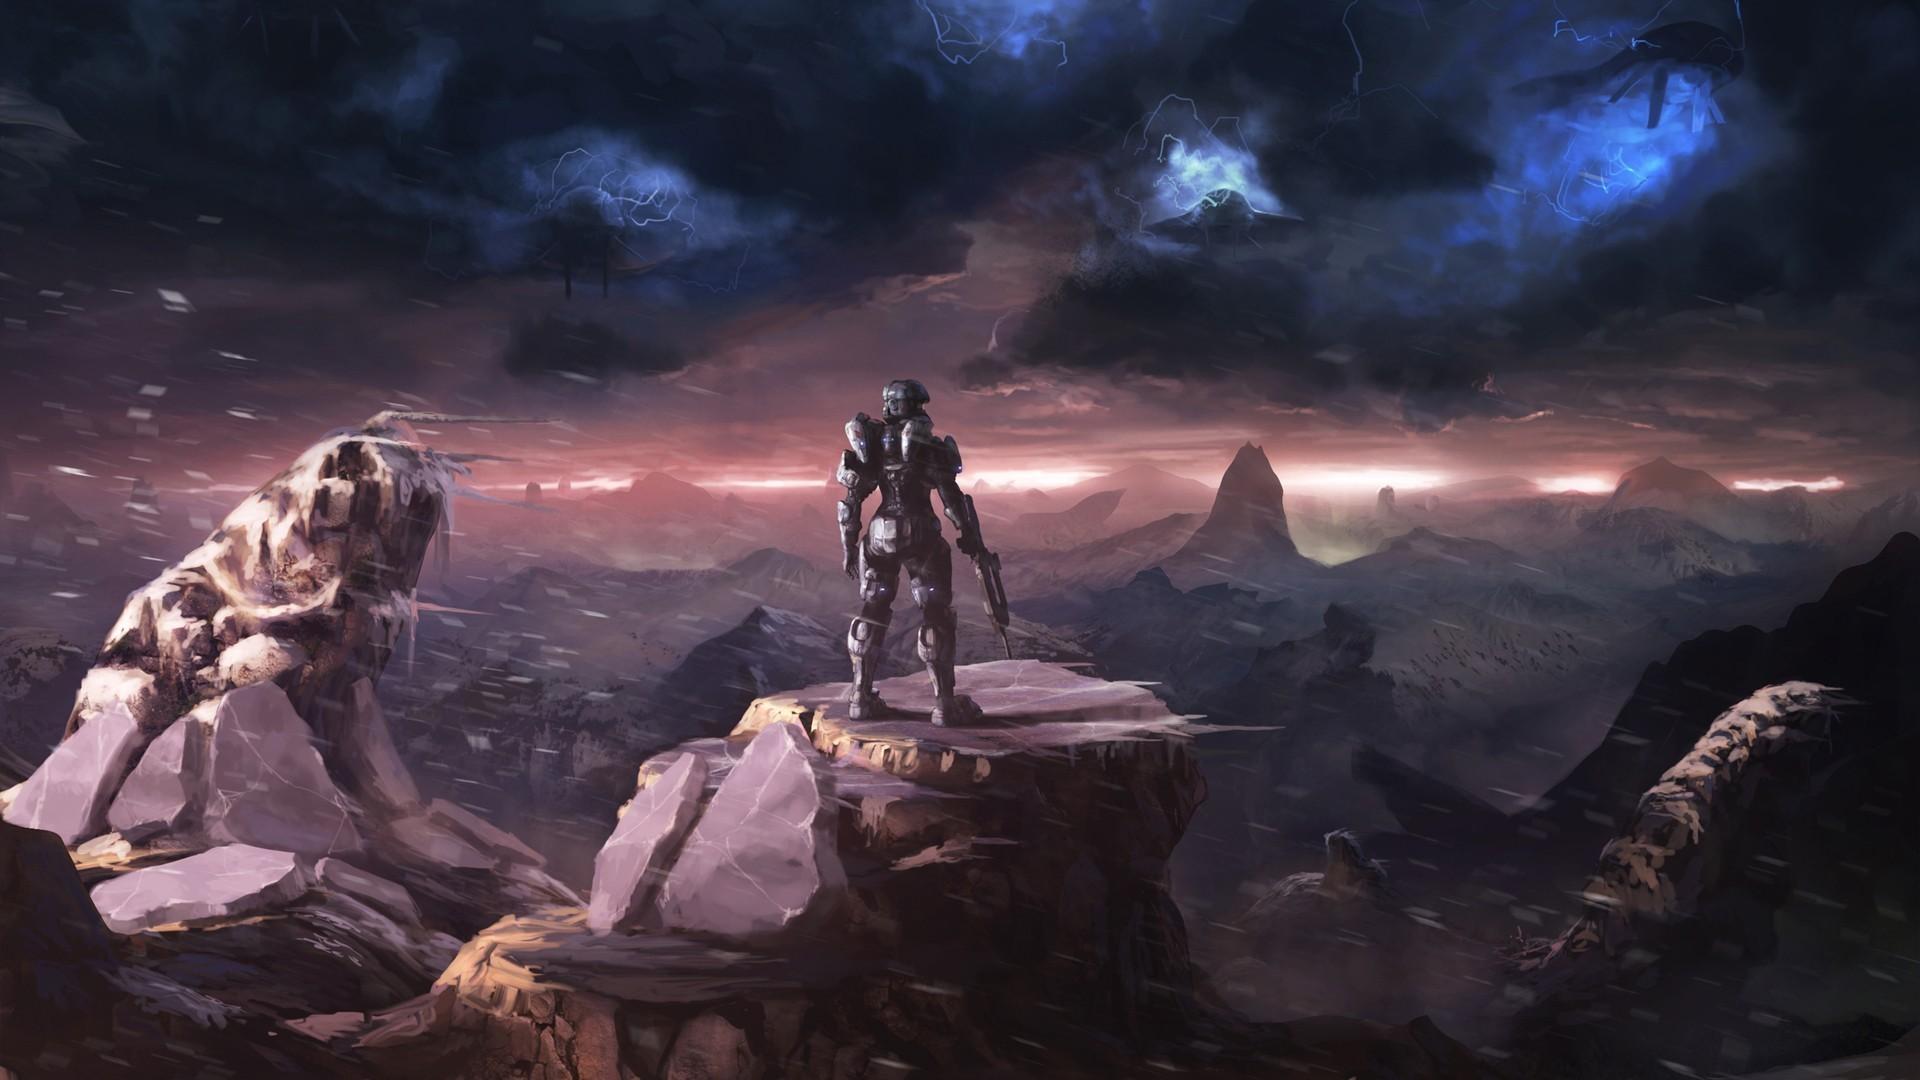 Dr Dre Wallpaper Hd Halo 5 Guardians Wallpaper 1080p 81 Images